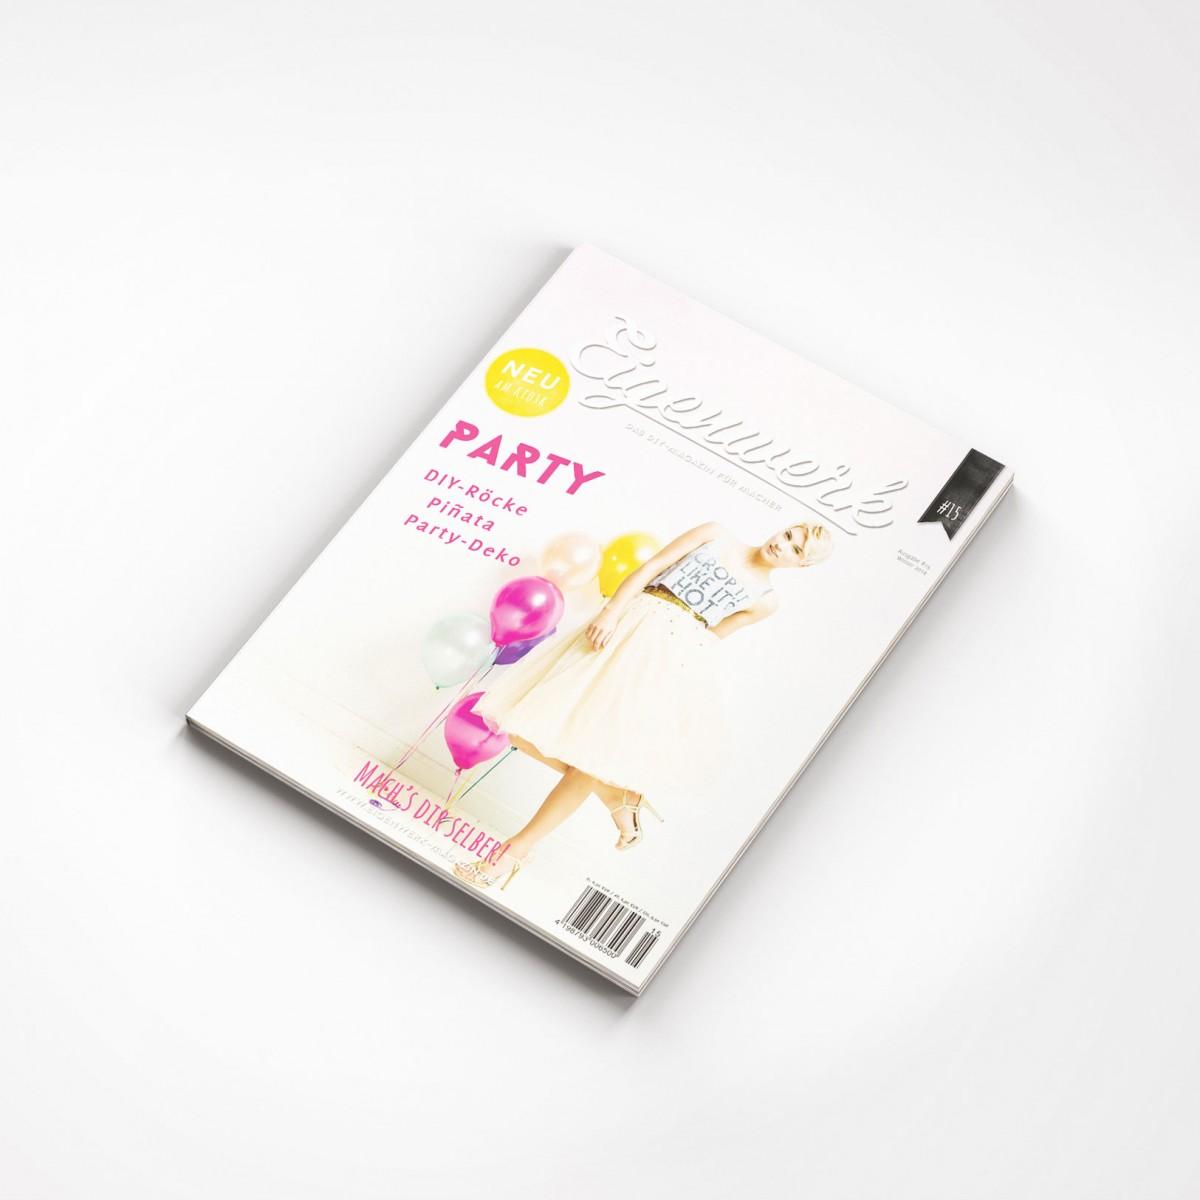 Eigenwerk-Magazin #15 - PARTY